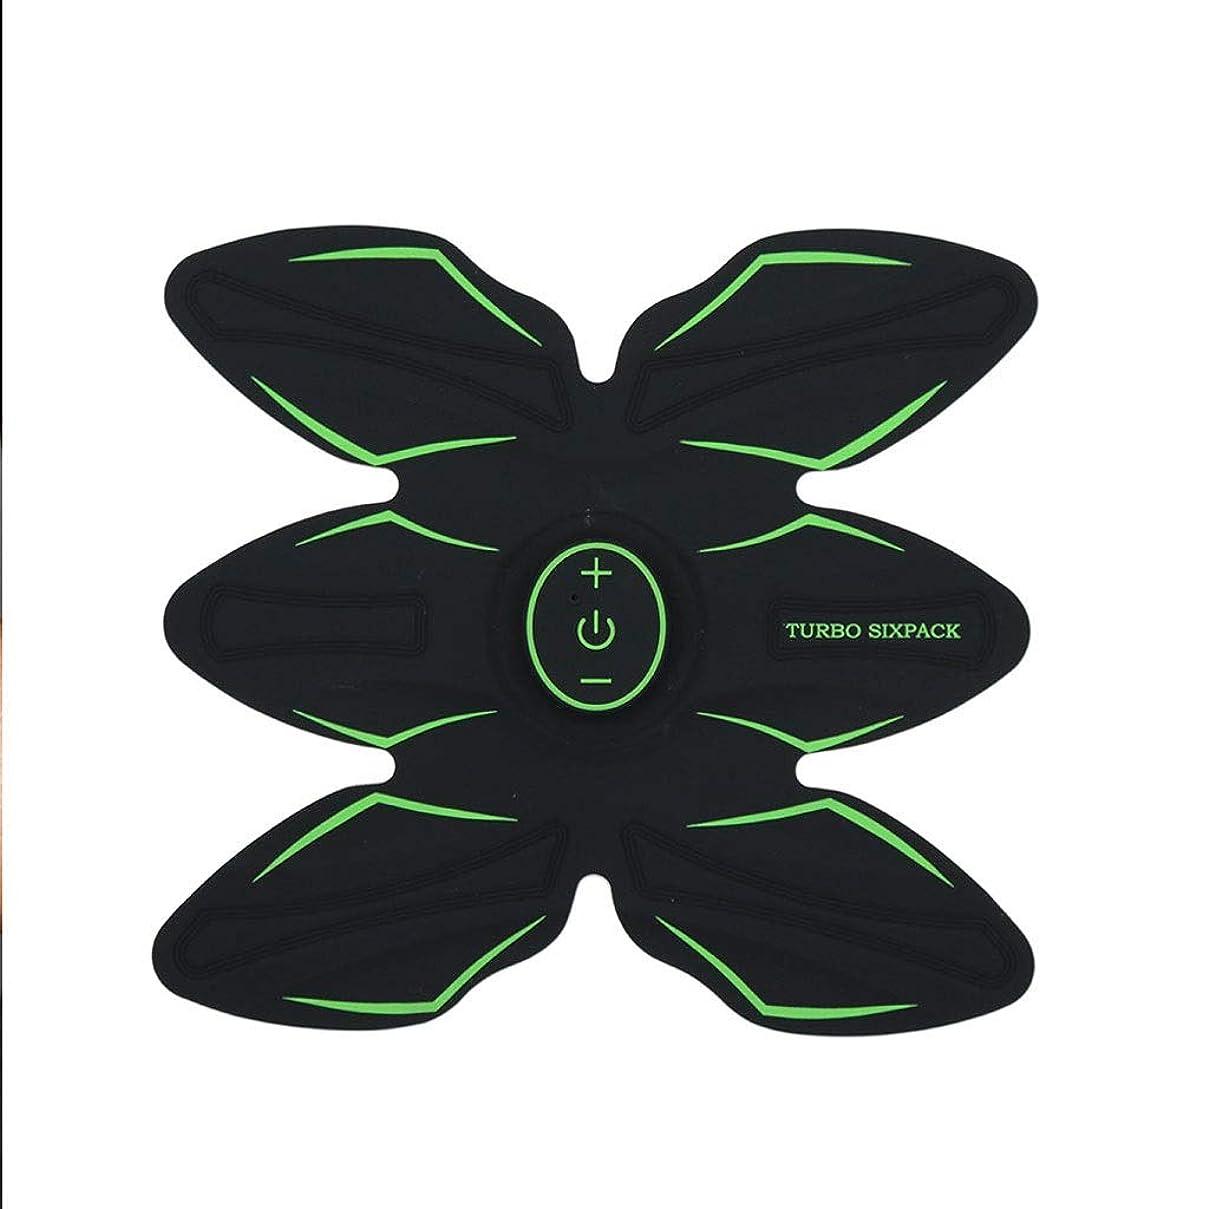 ステージ学校教育人里離れたABSトレーナーEMS腹部電気筋肉刺激装置筋肉トナー調色ベルトフィットネスギアABSエクササイズマシンウエストトレーナーホームワークアウトフィットネス機器